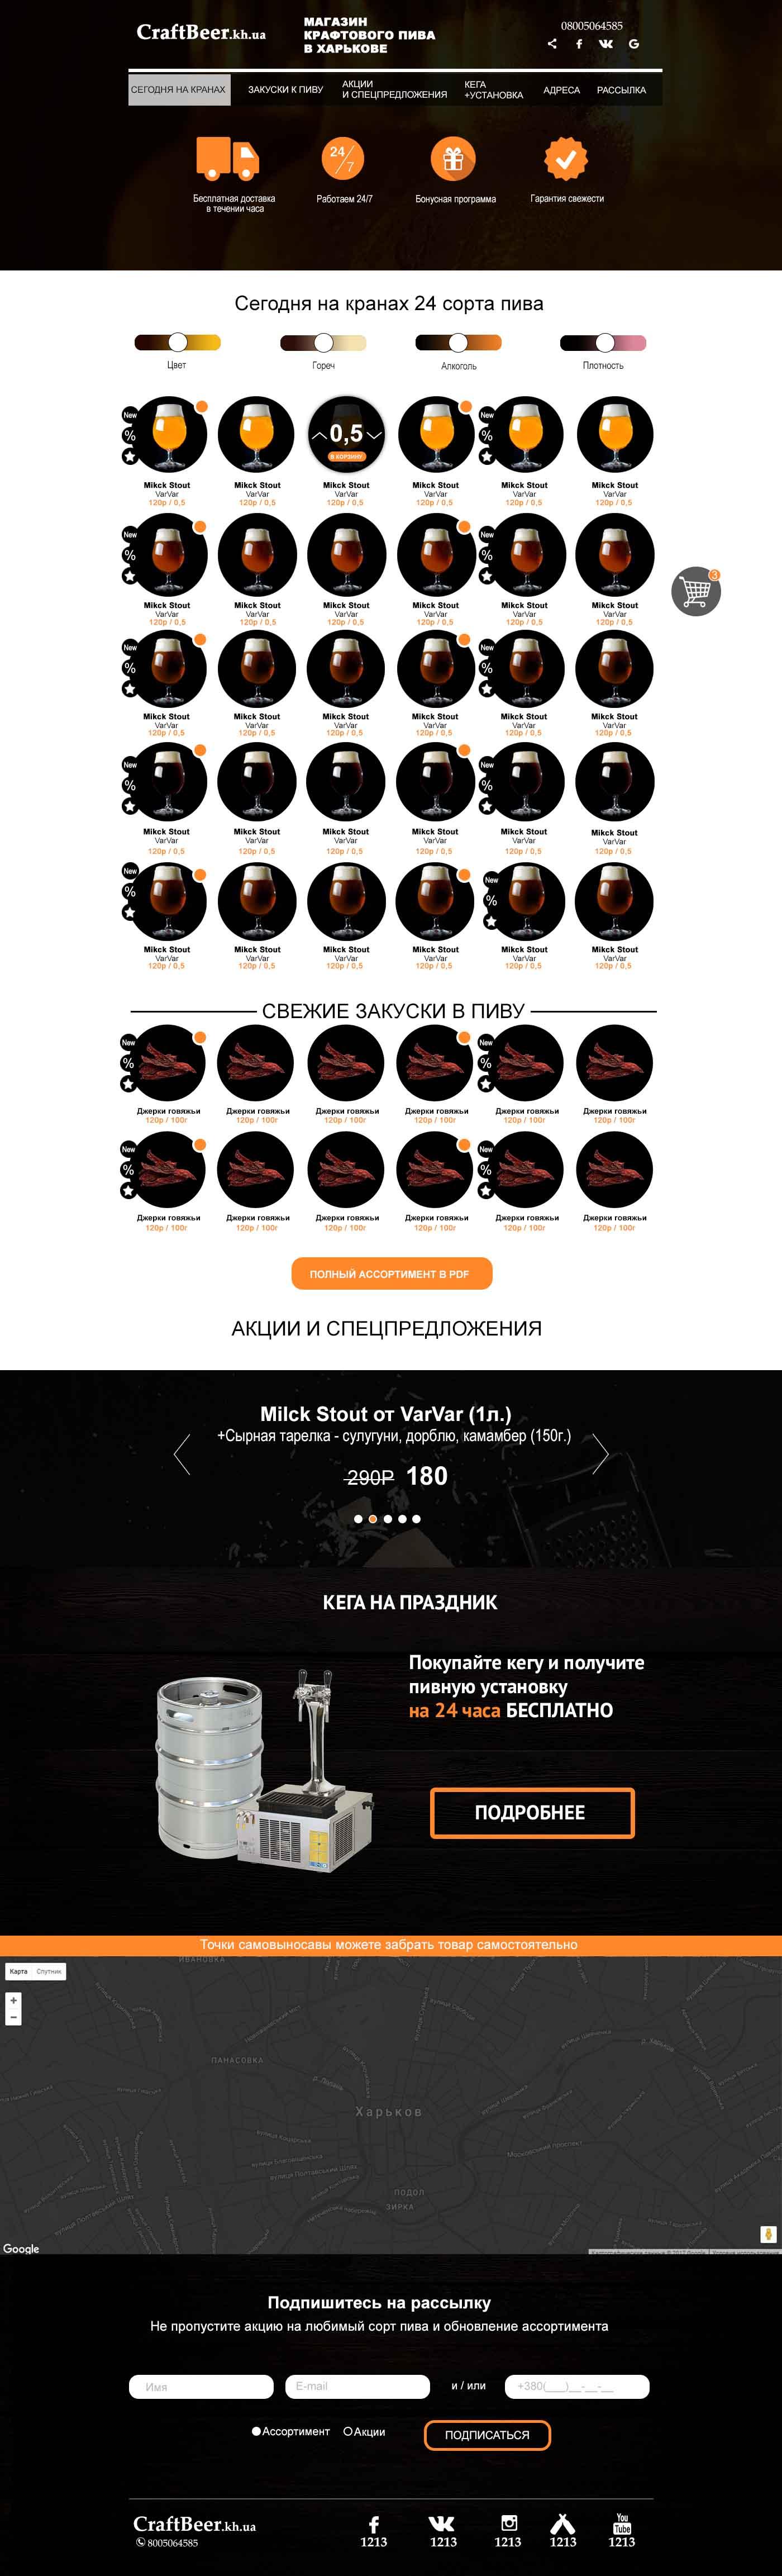 Дизайн лендинга, + страница Бонусов, + модальные окна фото f_8805a5fc9fb4b378.jpg